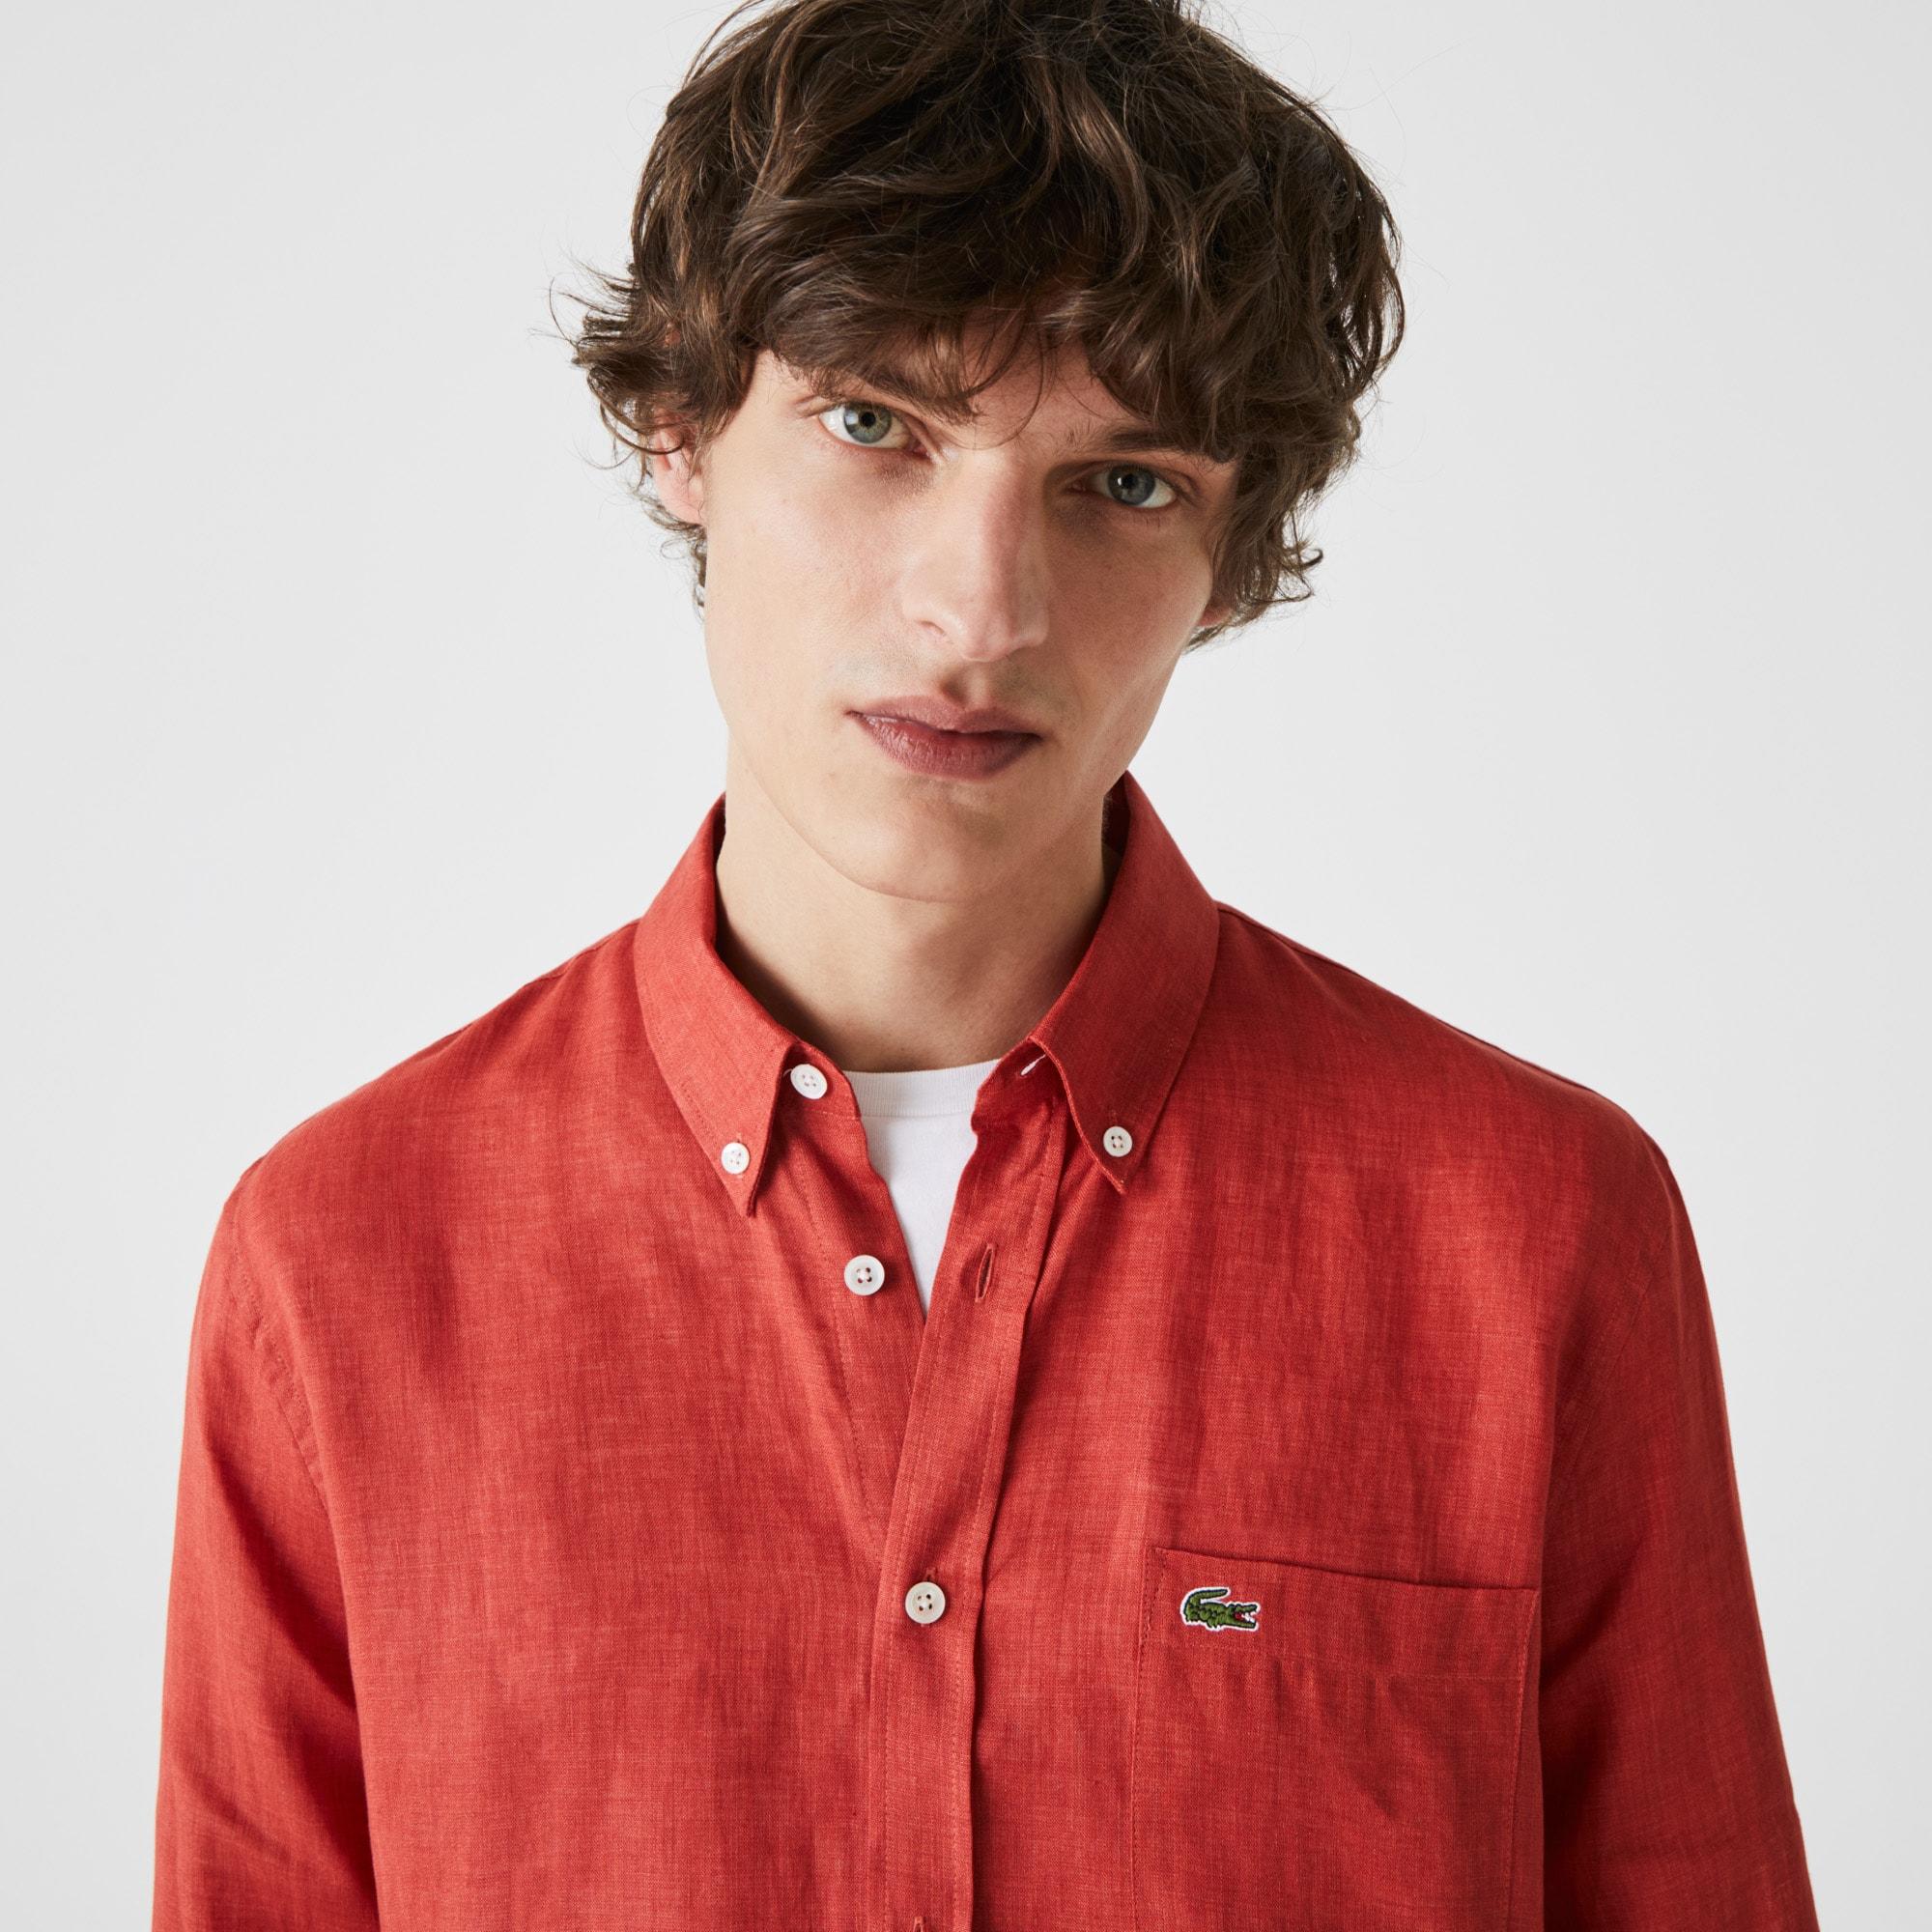 Lacoste Chemise regular fit en toile de lin unie Taille 46 Rouge